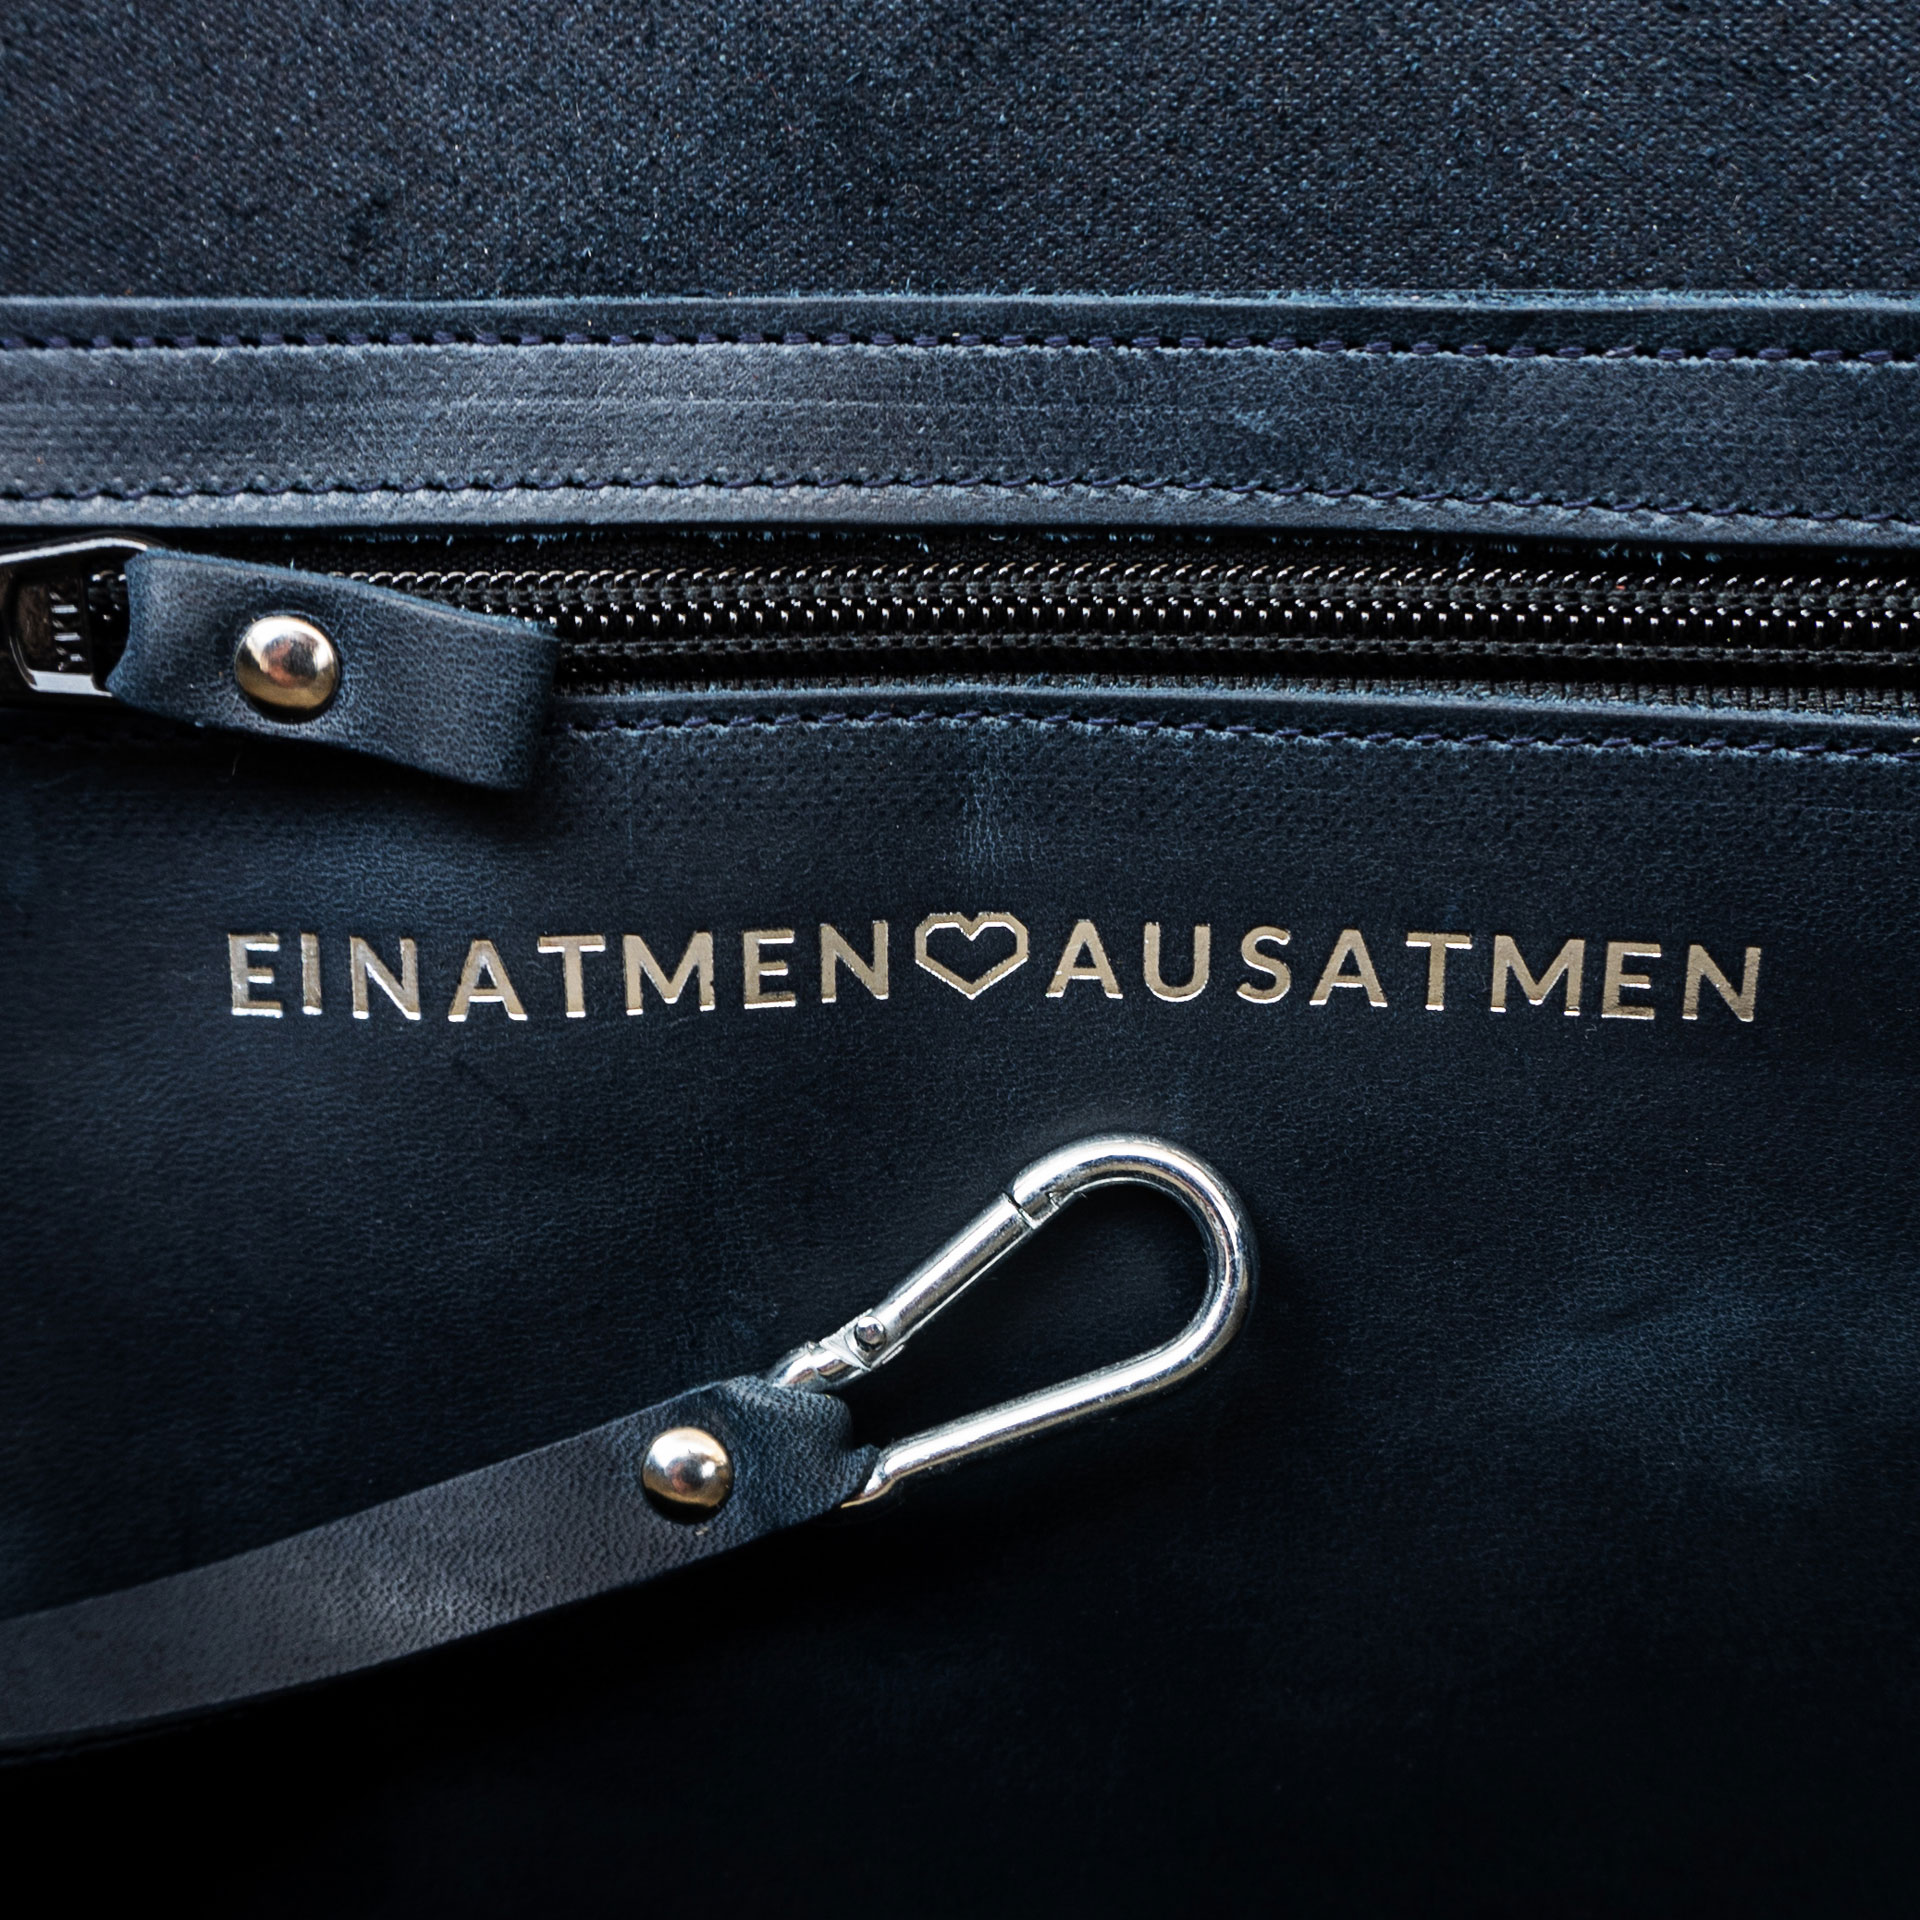 Auf Wunsch kannst du unsere Taschen mit einer persönlichen Botschaft  versehen. In diesem Fall: Einatmen - Herz - Ausatmen.